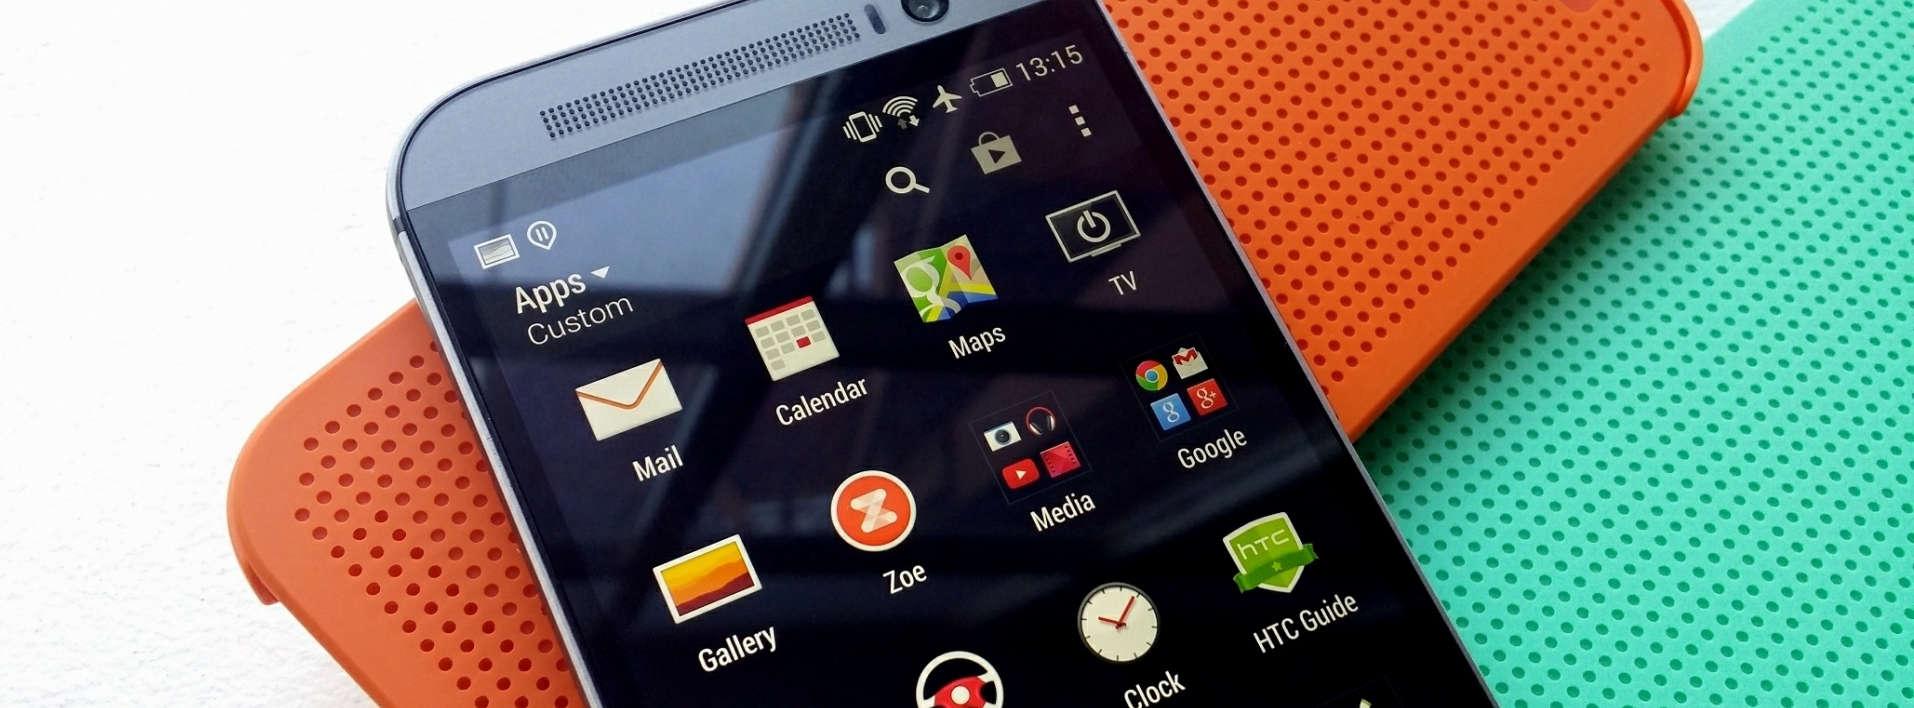 основные характеристики смартфонов